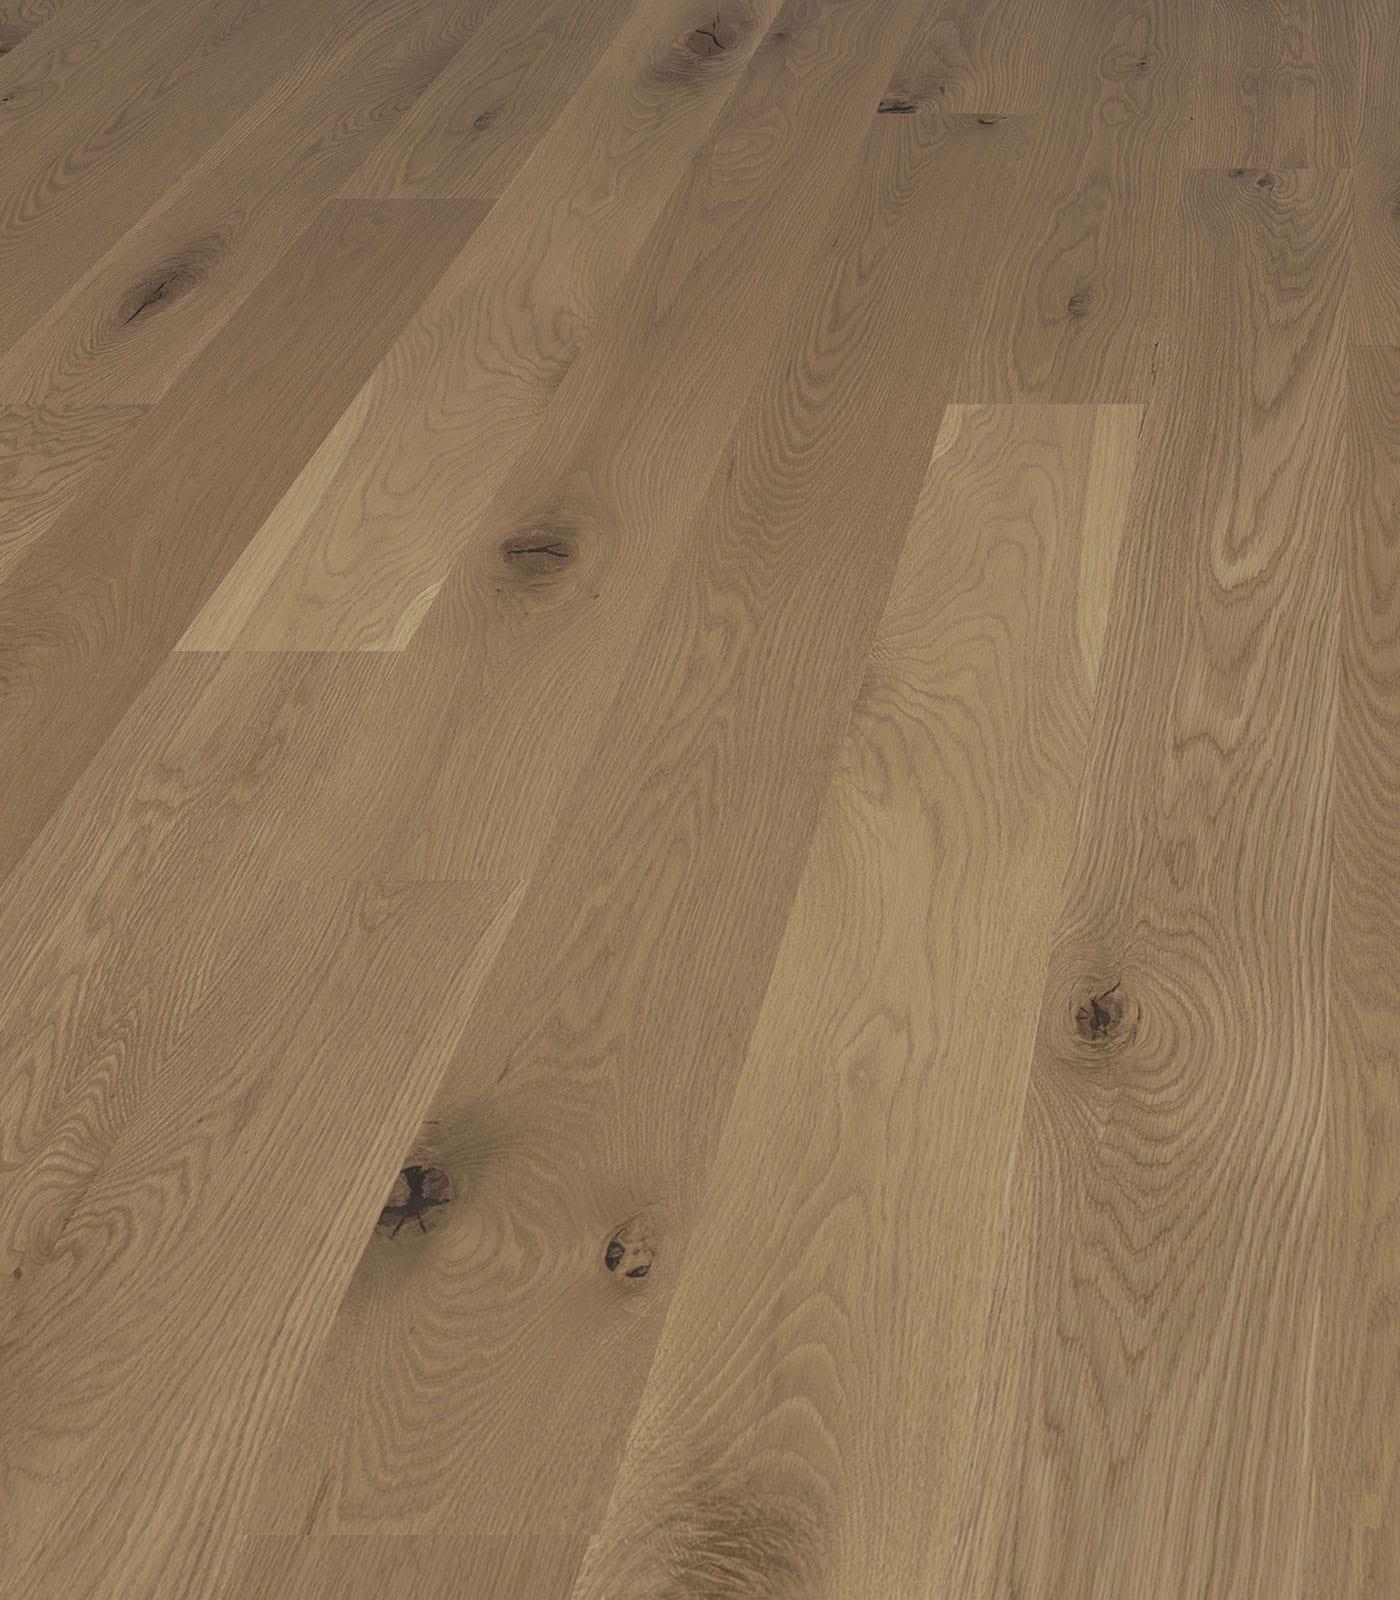 Stetind-Engineered European Oak floors